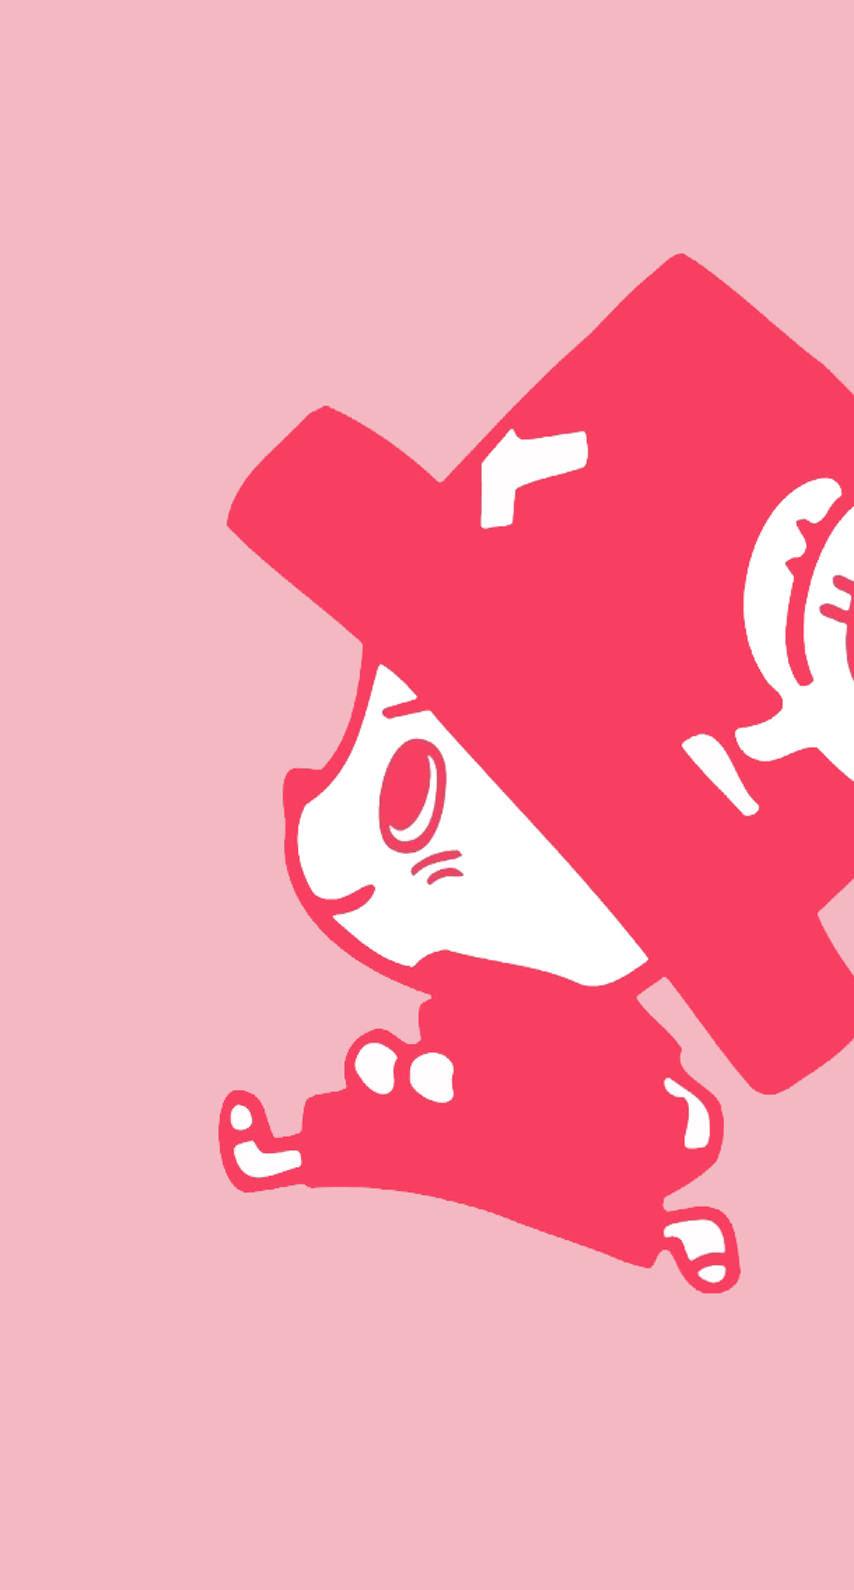 チョッパーピンク めちゃ人気 Iphone壁紙dj